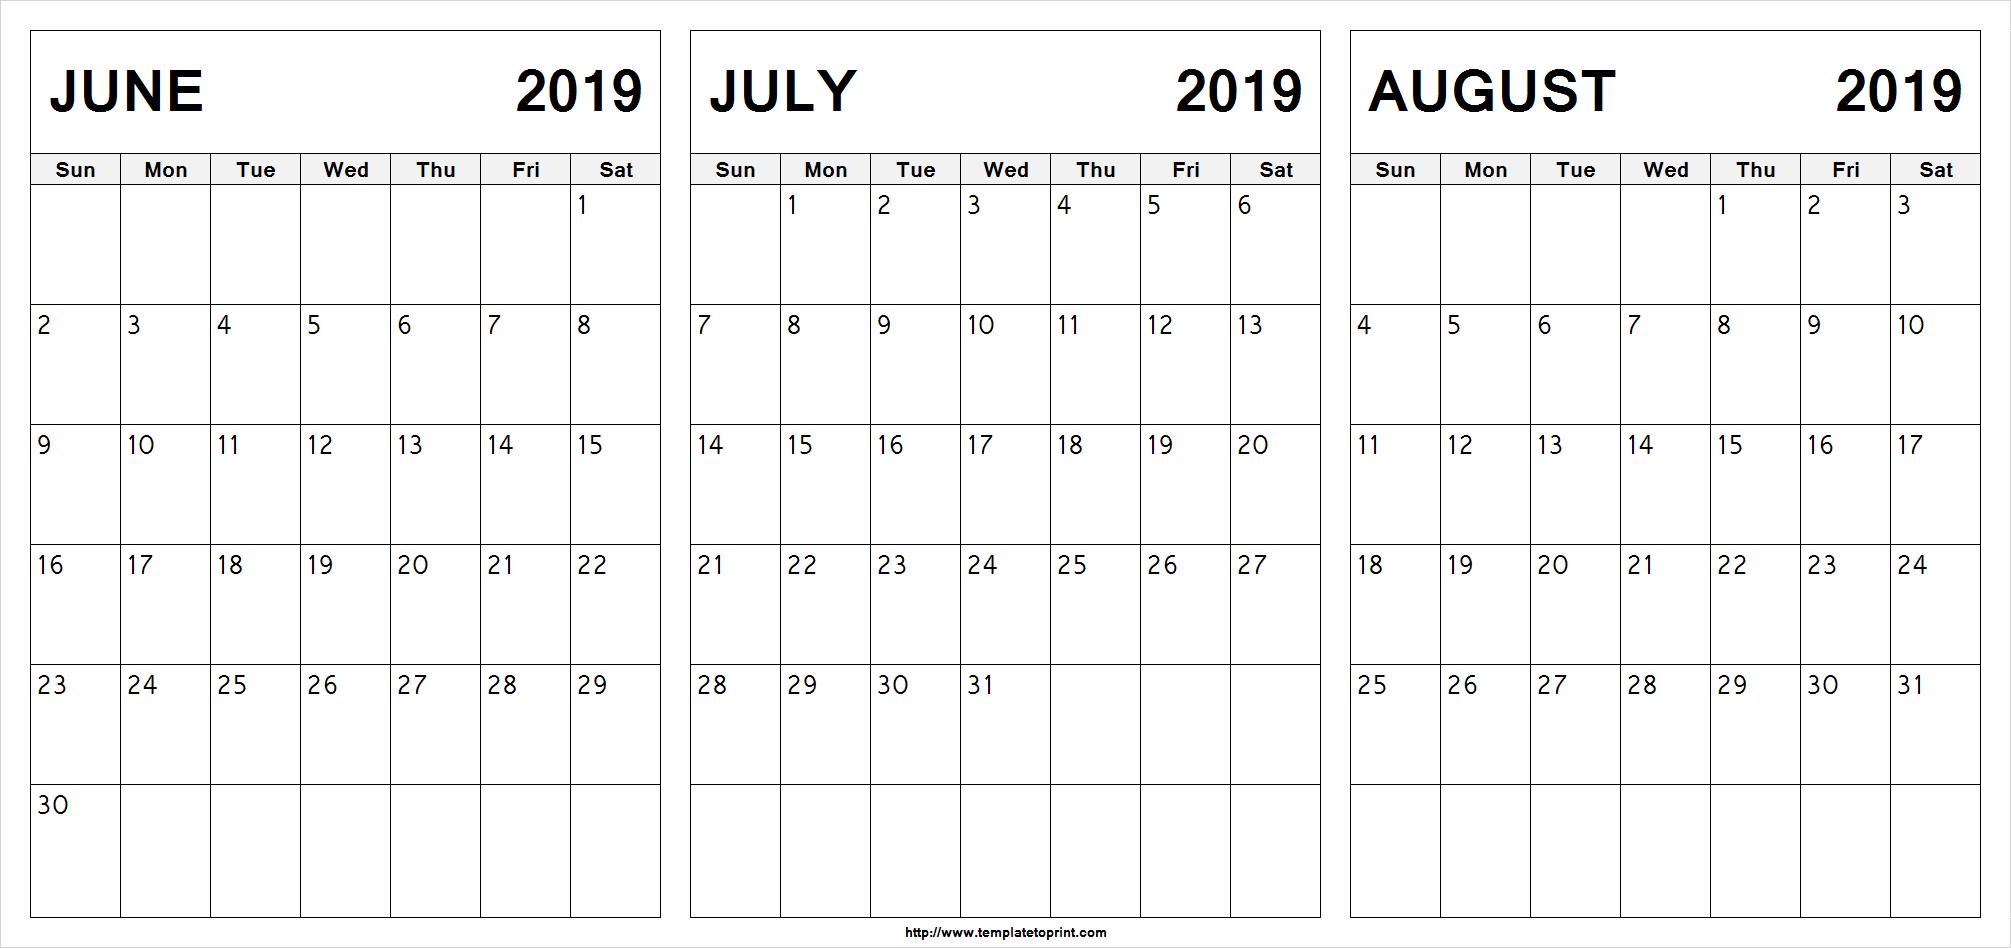 Free June July August 2019 Calendar (3 Months) Printable Template pertaining to Template June July August